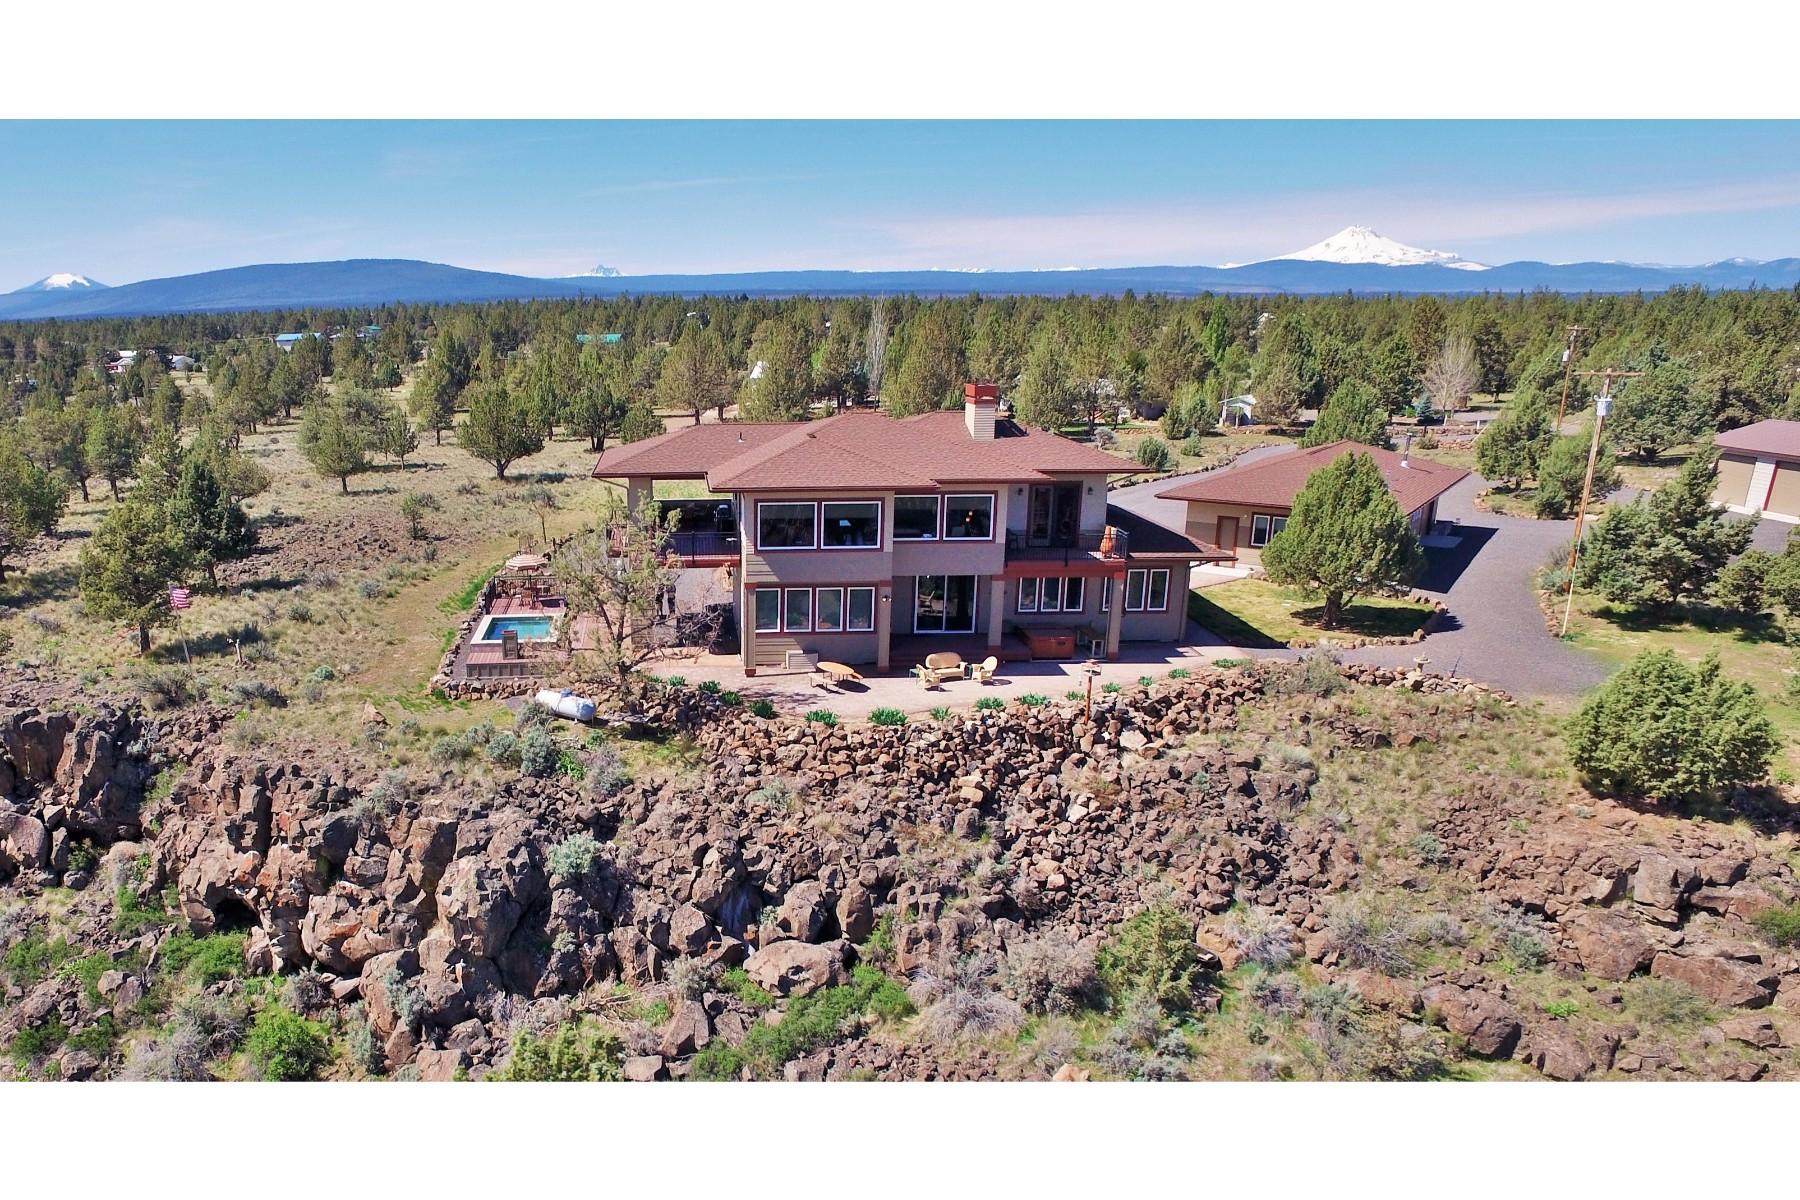 独户住宅 为 销售 在 360 Degree Views in Style 9791 SW Paiute Dr 卡尔弗, 俄勒冈州, 97734 美国